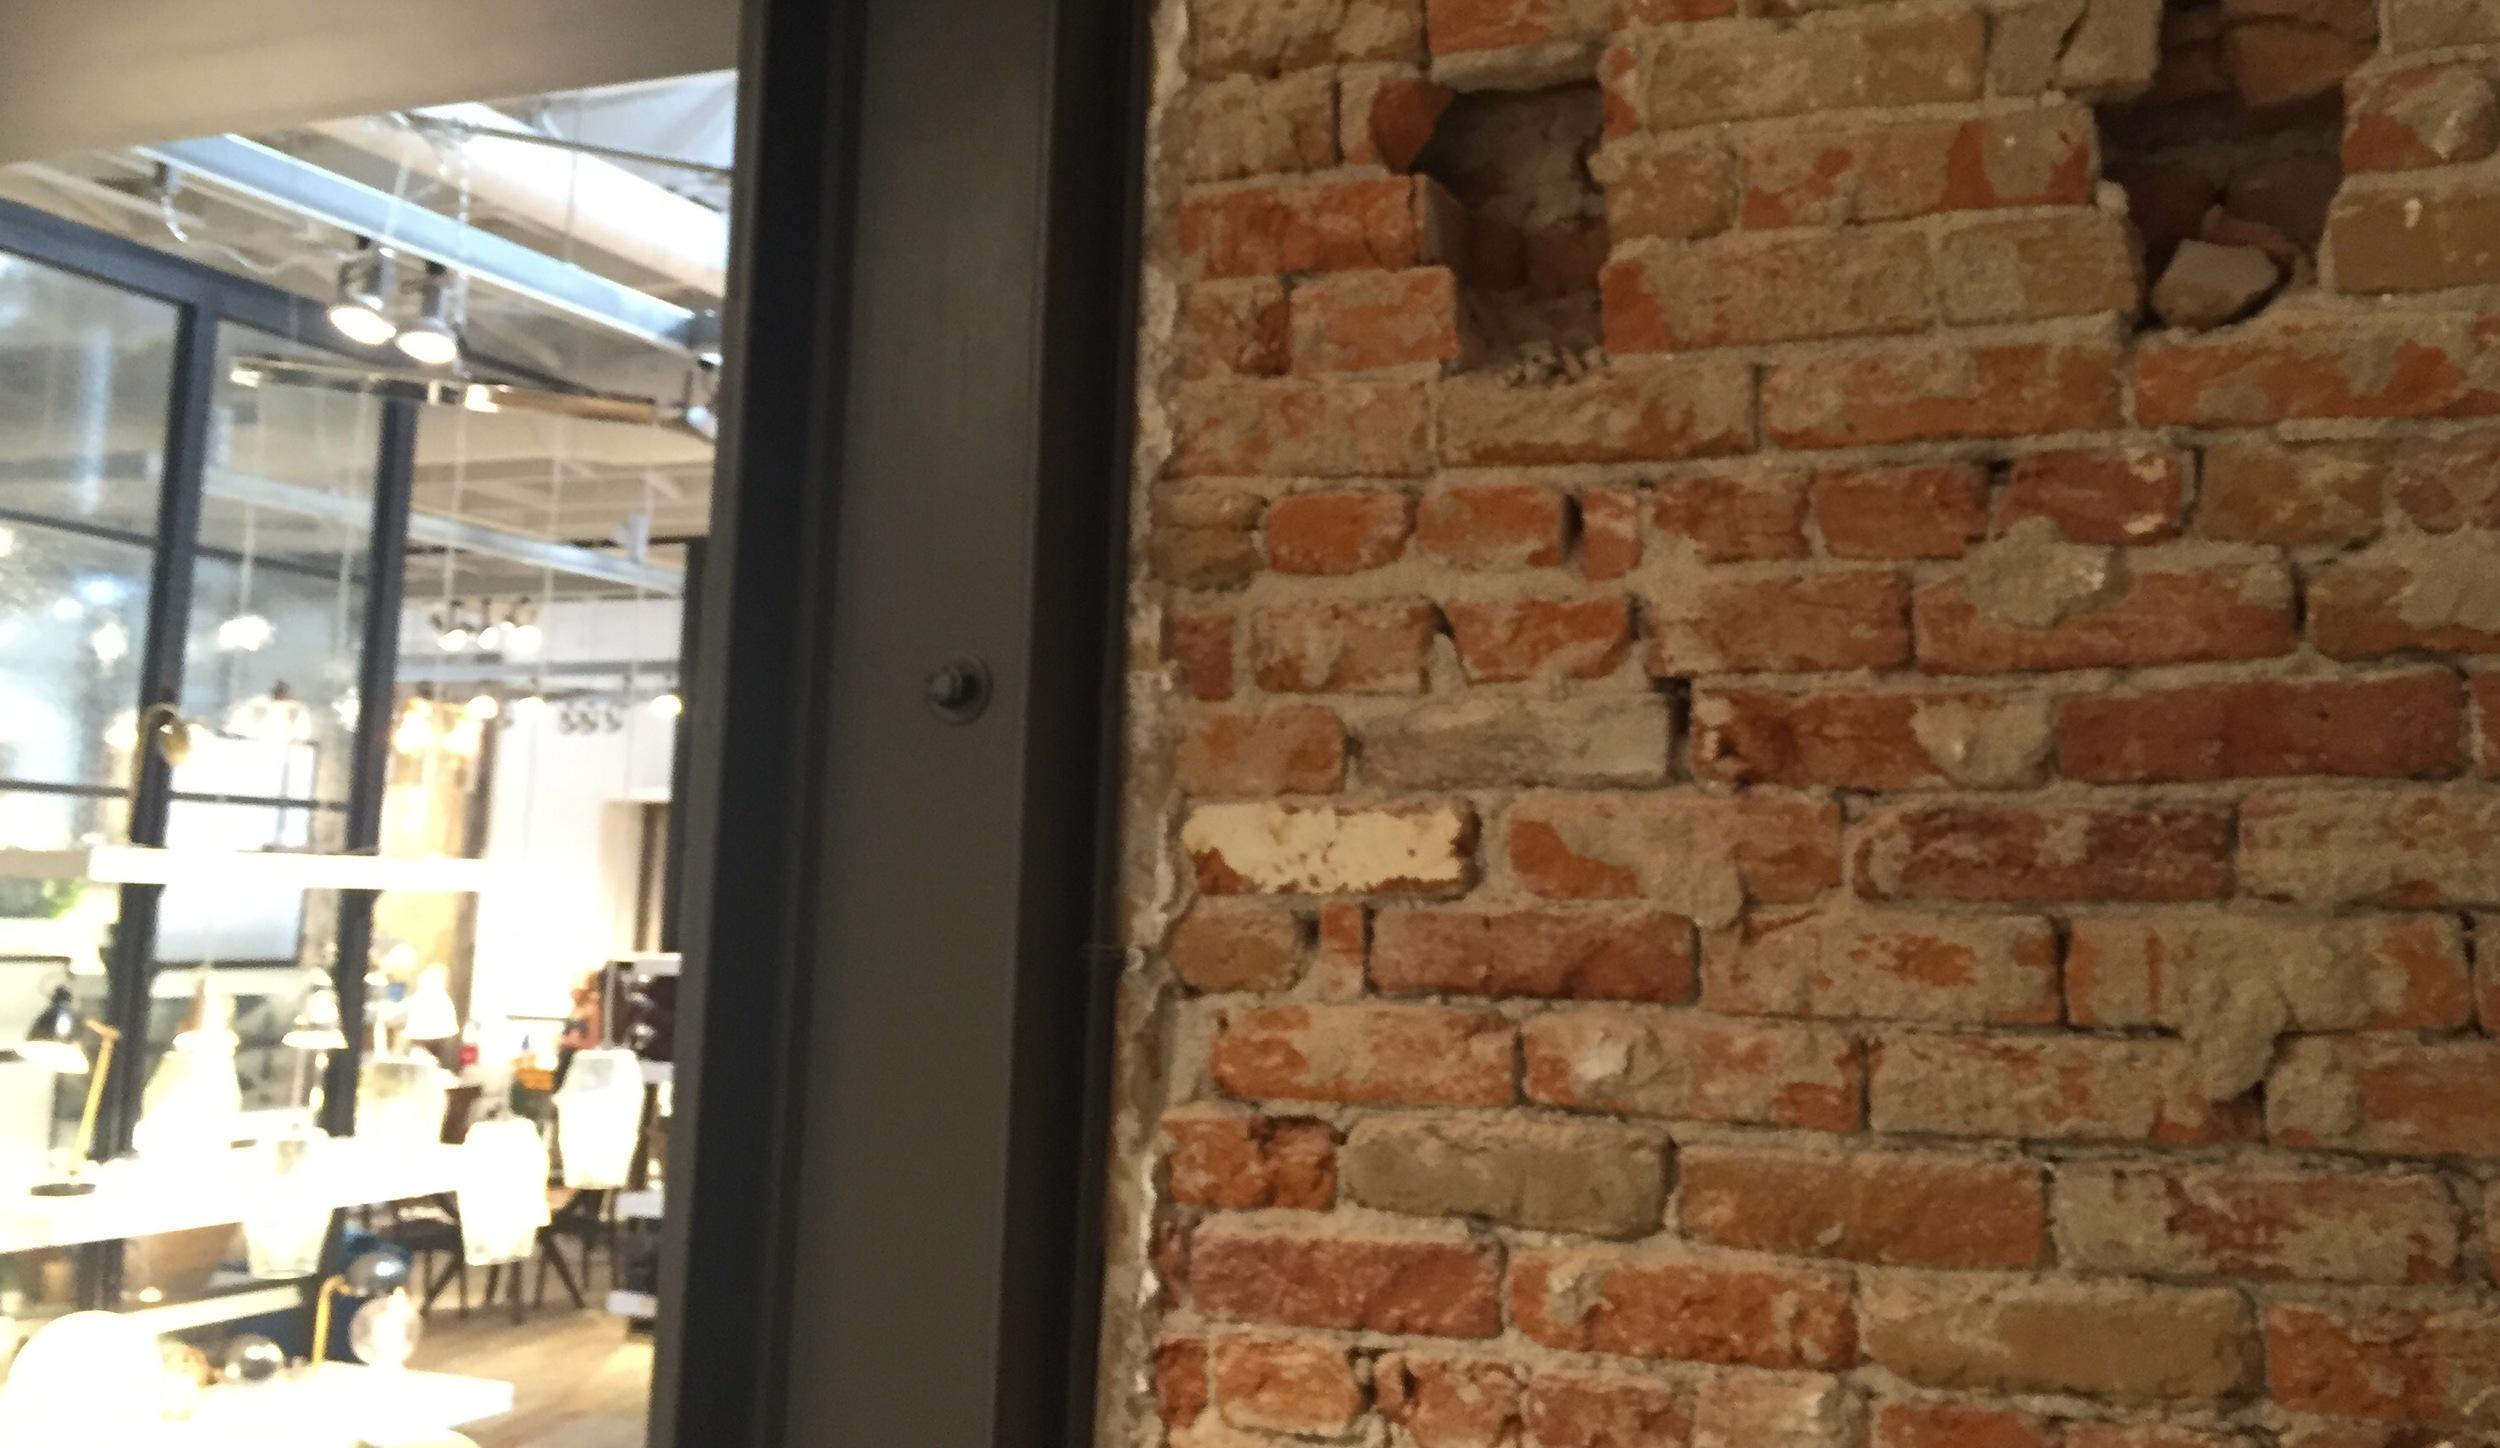 Requisite exposed, worn brick